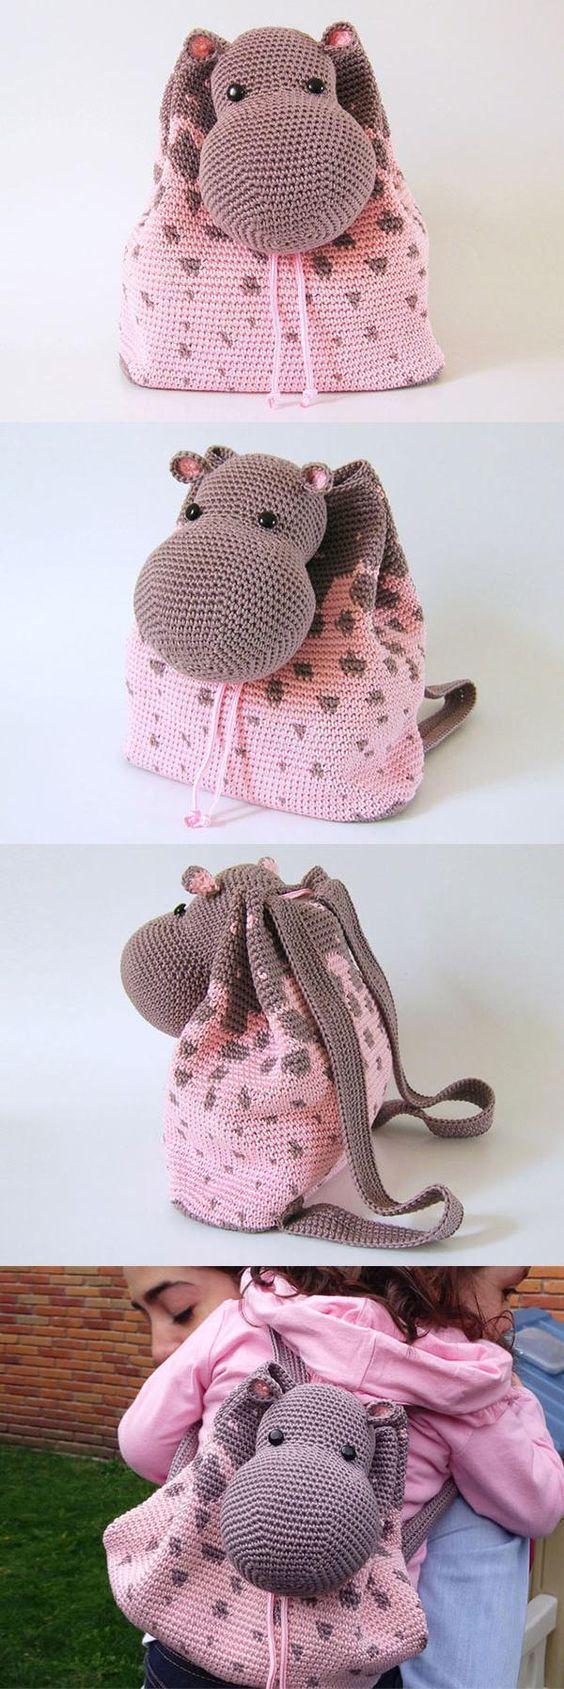 Häkeln Sie Rucksack Tasche Muster all die besten Ideen - #bag #besten #die #Häkeln #Ideen #Muster #Rucksack #Sie #Tasche #bagpatterns